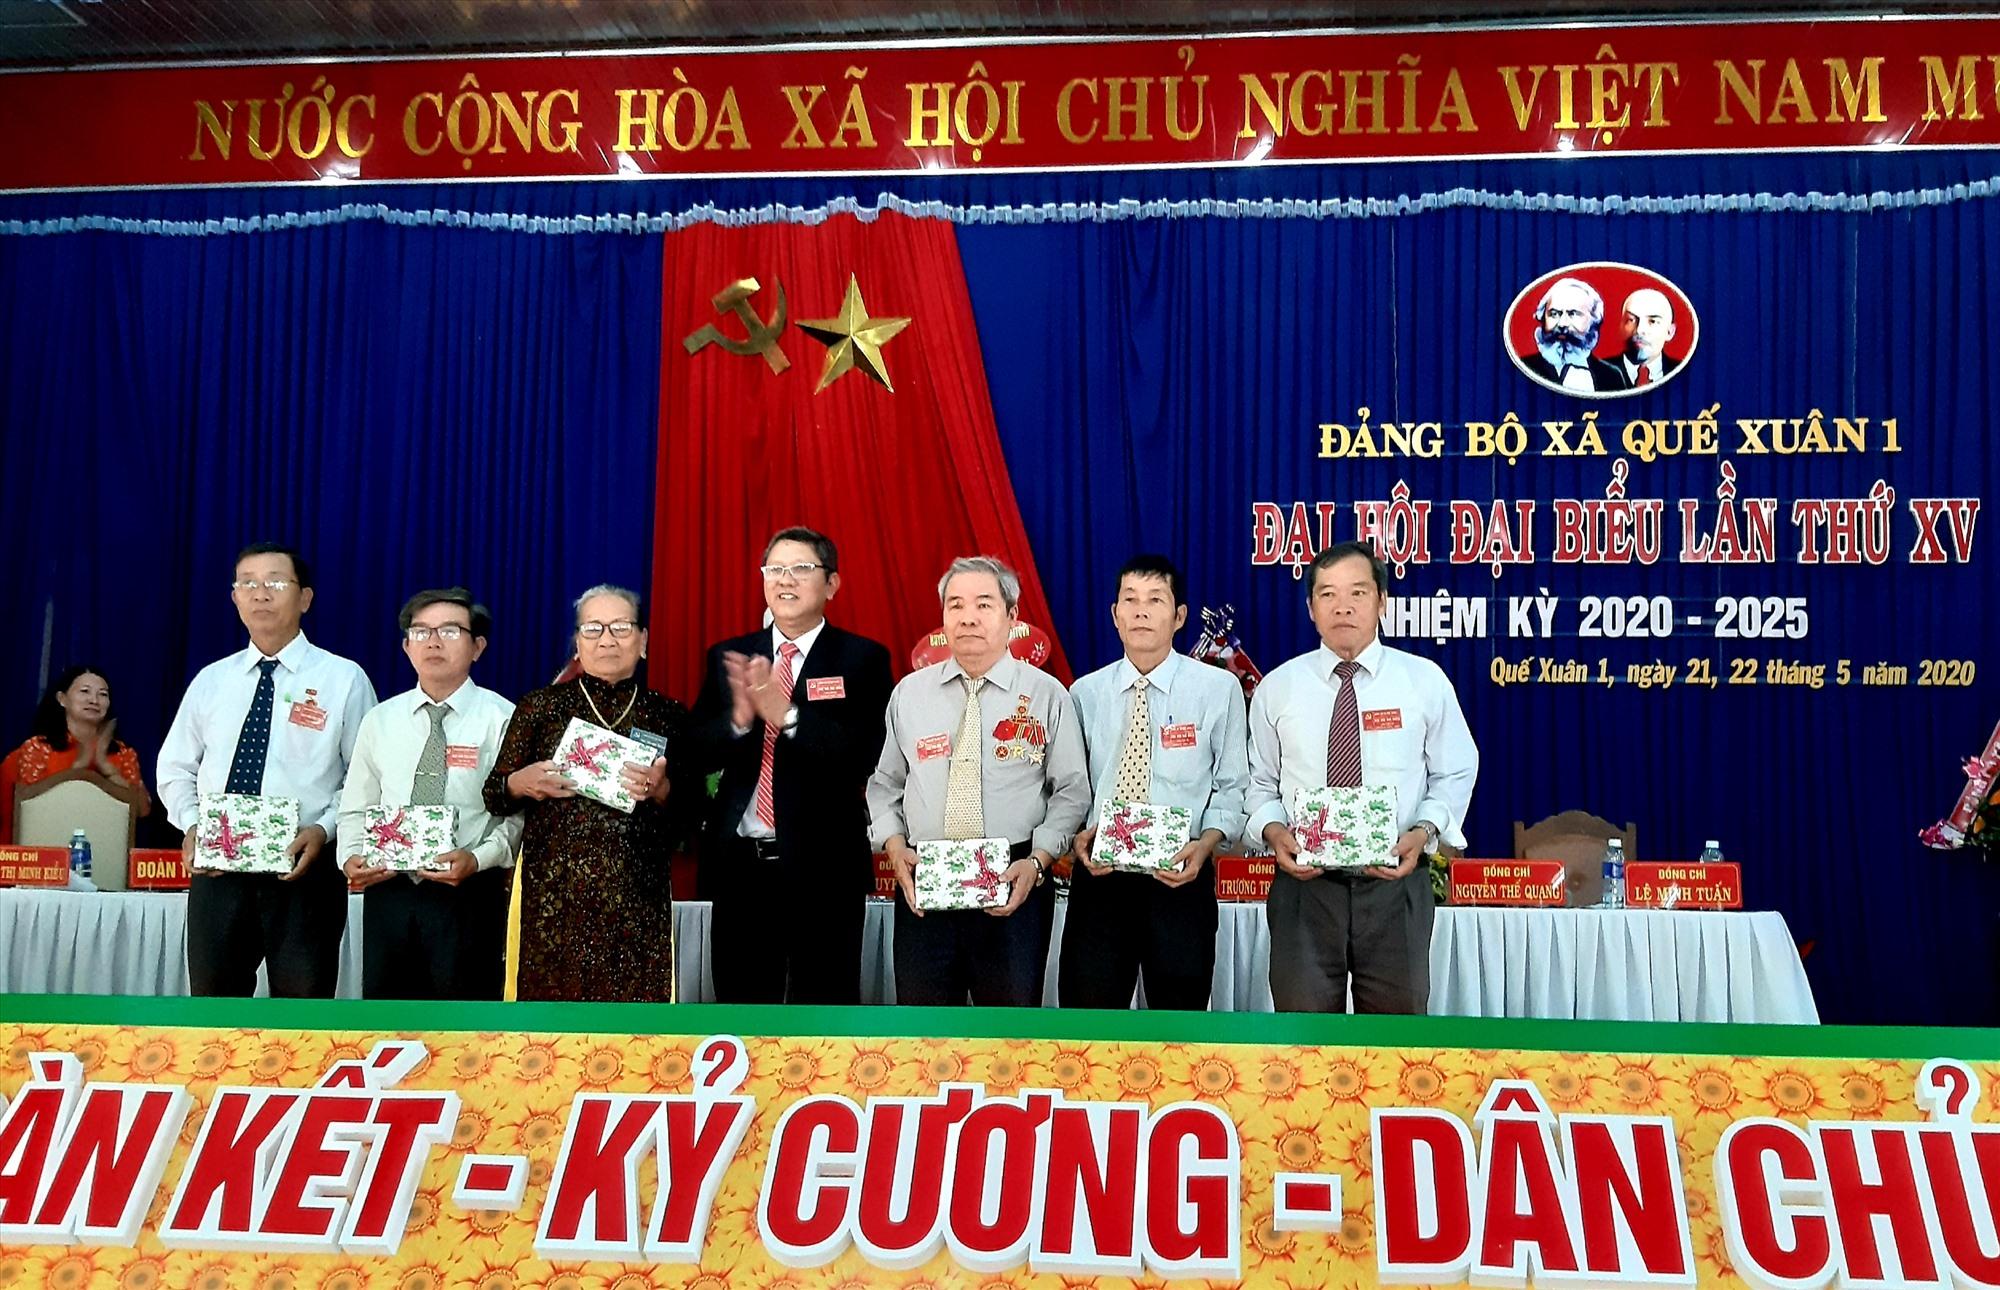 Tại đại hội, lãnh đạo địa phương tặng quà Bà mẹ Việt Nam anh hùng Nguyễn Thị Tá và một số đồng chí nguyên là cán bộ lãnh đạo xã qua các thời kỳ.  Ảnh: VĂN SỰ